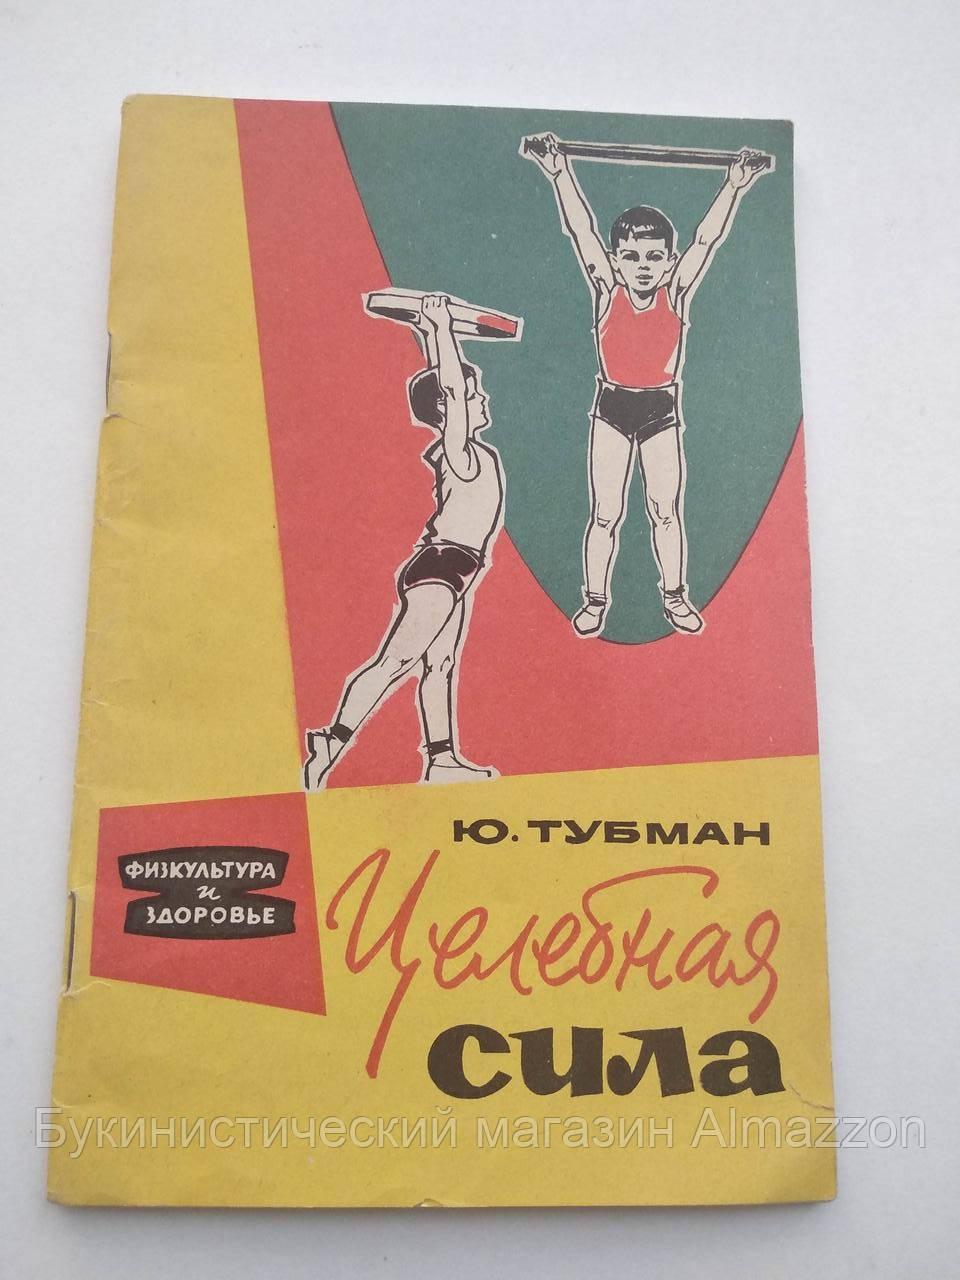 Целебная сила Ю.Тубман Физкультура и здоровье 1964 год